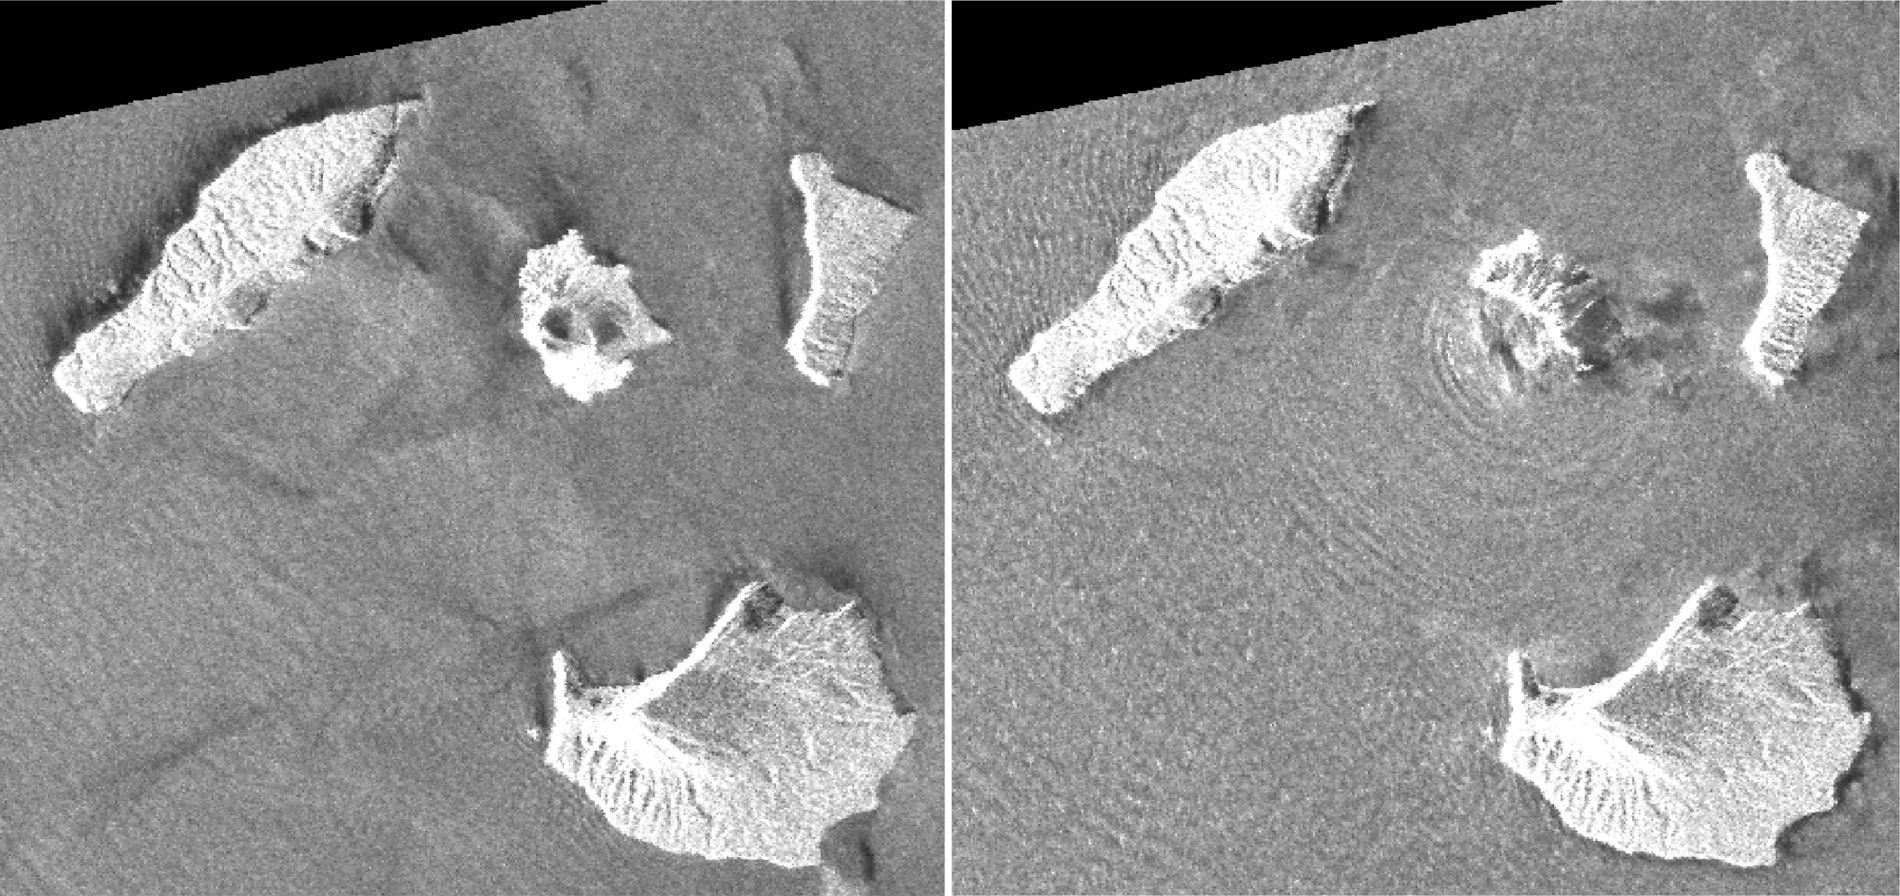 Radarbilder fra JAXAs ALOS-2-satellitt kombinert med analyse fra Geospatial Information Authority fra Japan viser vulkanen Anak Krakatoa før og etter utbruddet 22. desember. Den sørvestre delen av vulkanen kollapset, raste ned i havet og forårsaket en tsunami. Bildet til venstre er fra 20. august, bildet til høyre er fra 24. desember. Foto: Geospatial Information Authority of Japan via AP / NTB scanpix